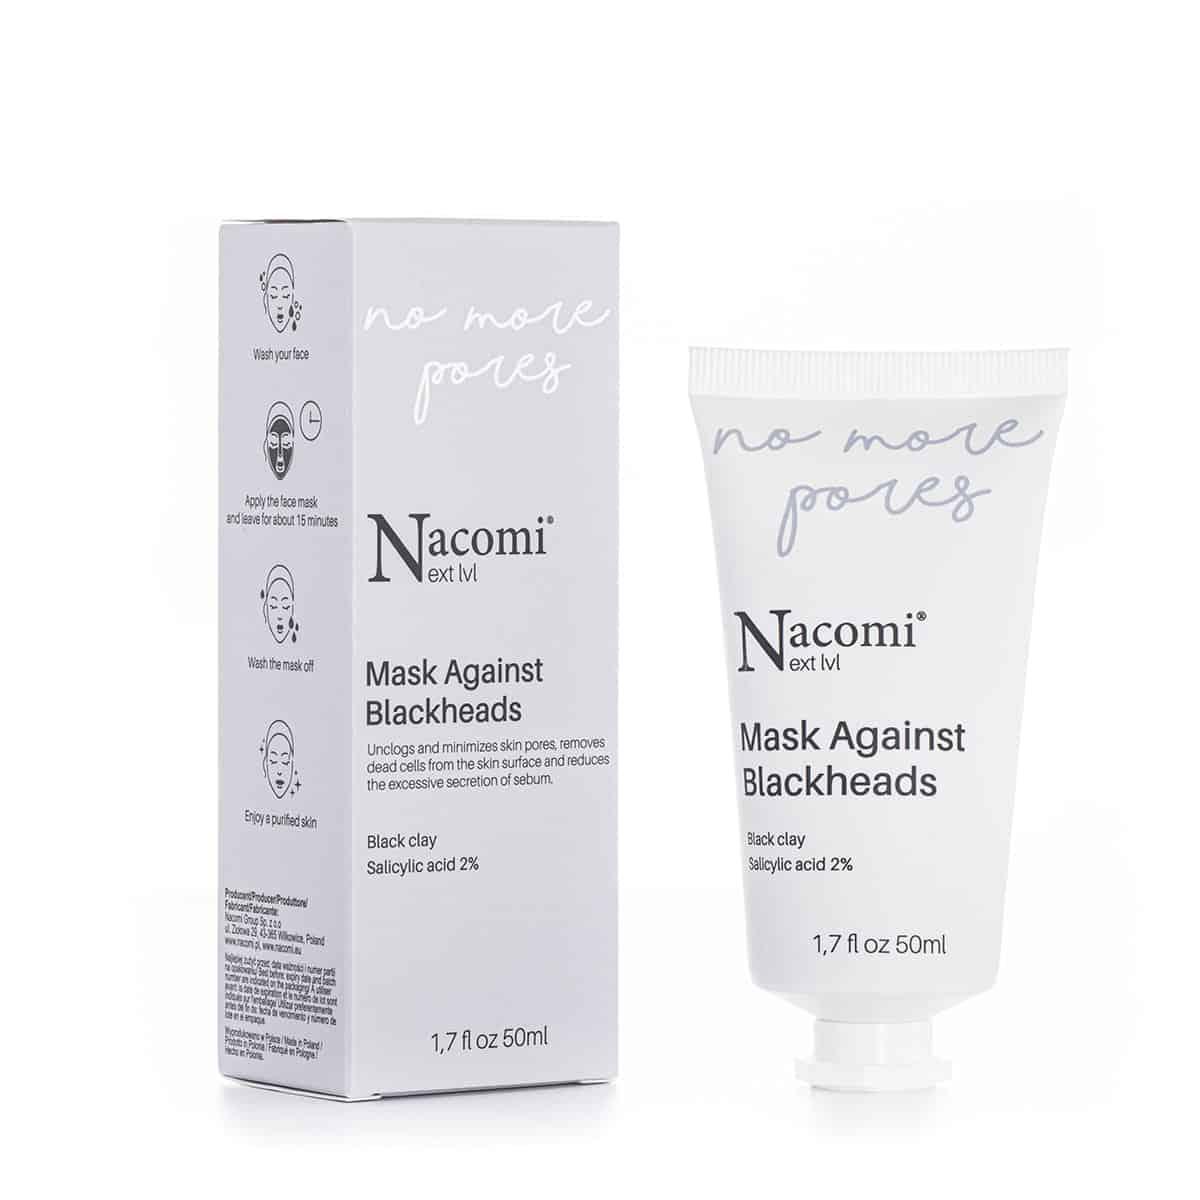 Nacomi Next Level – No More Pores – Maska przeciw zaskórnikom (Fot. Nacomi Next Level)